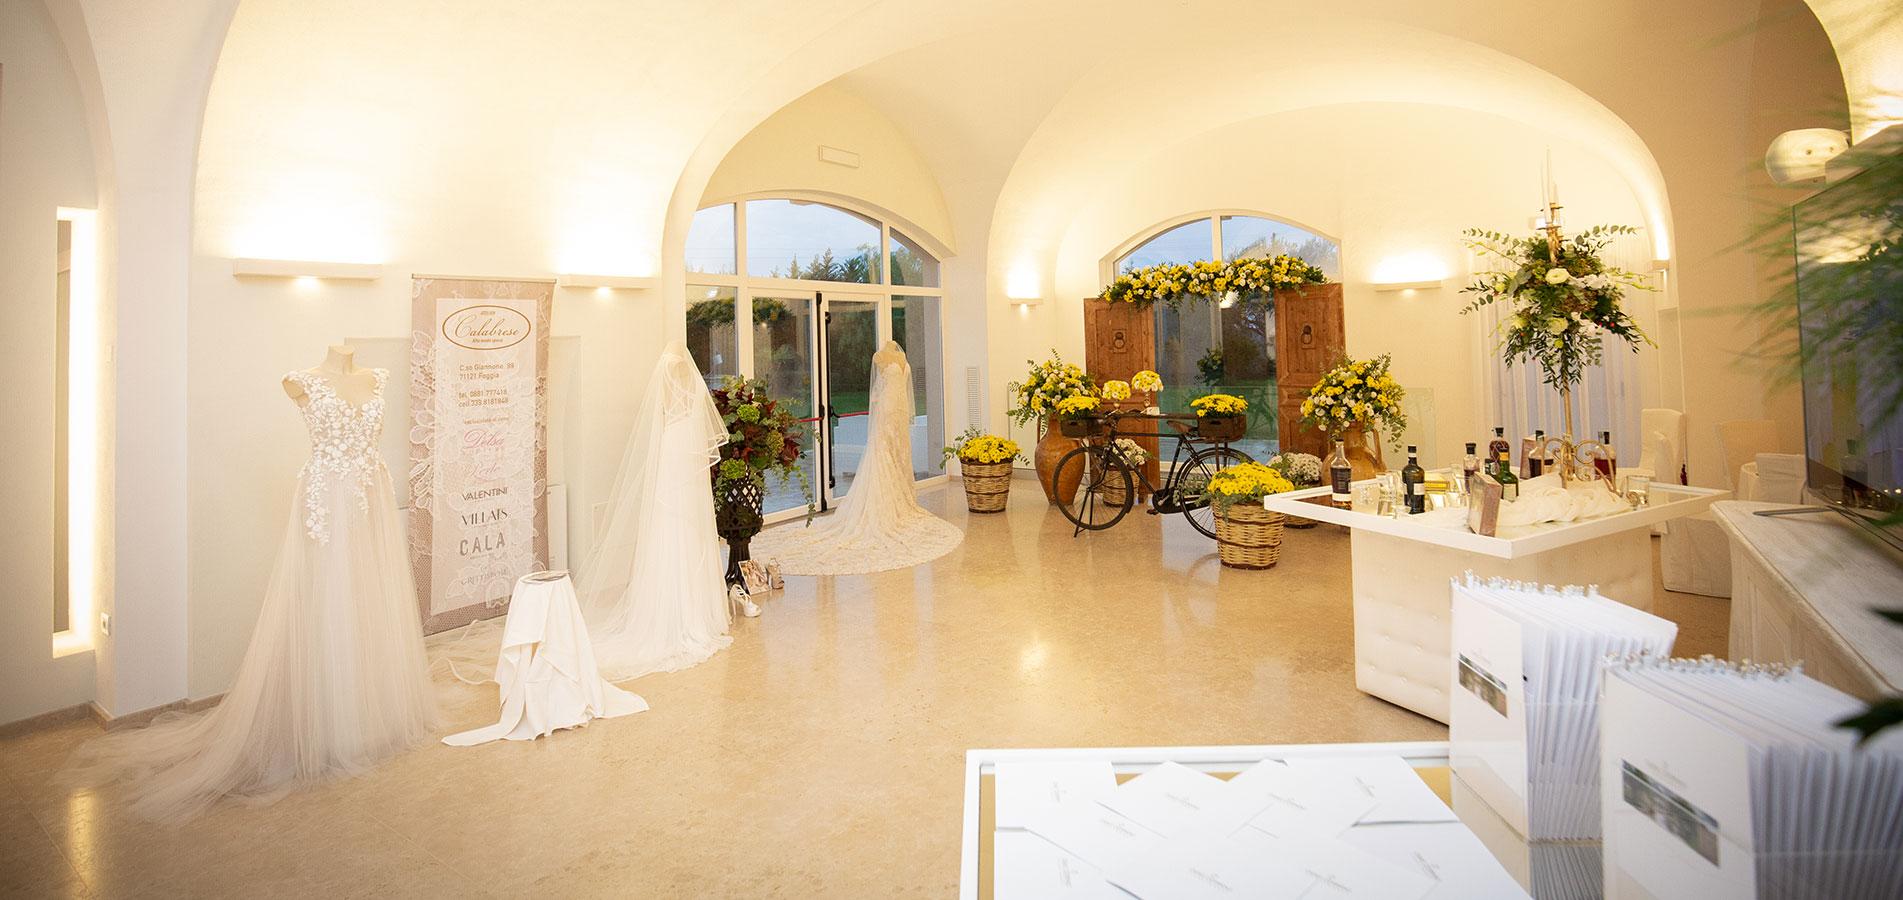 Location per ricevimenti a Foggia per matrimoni in Puglia